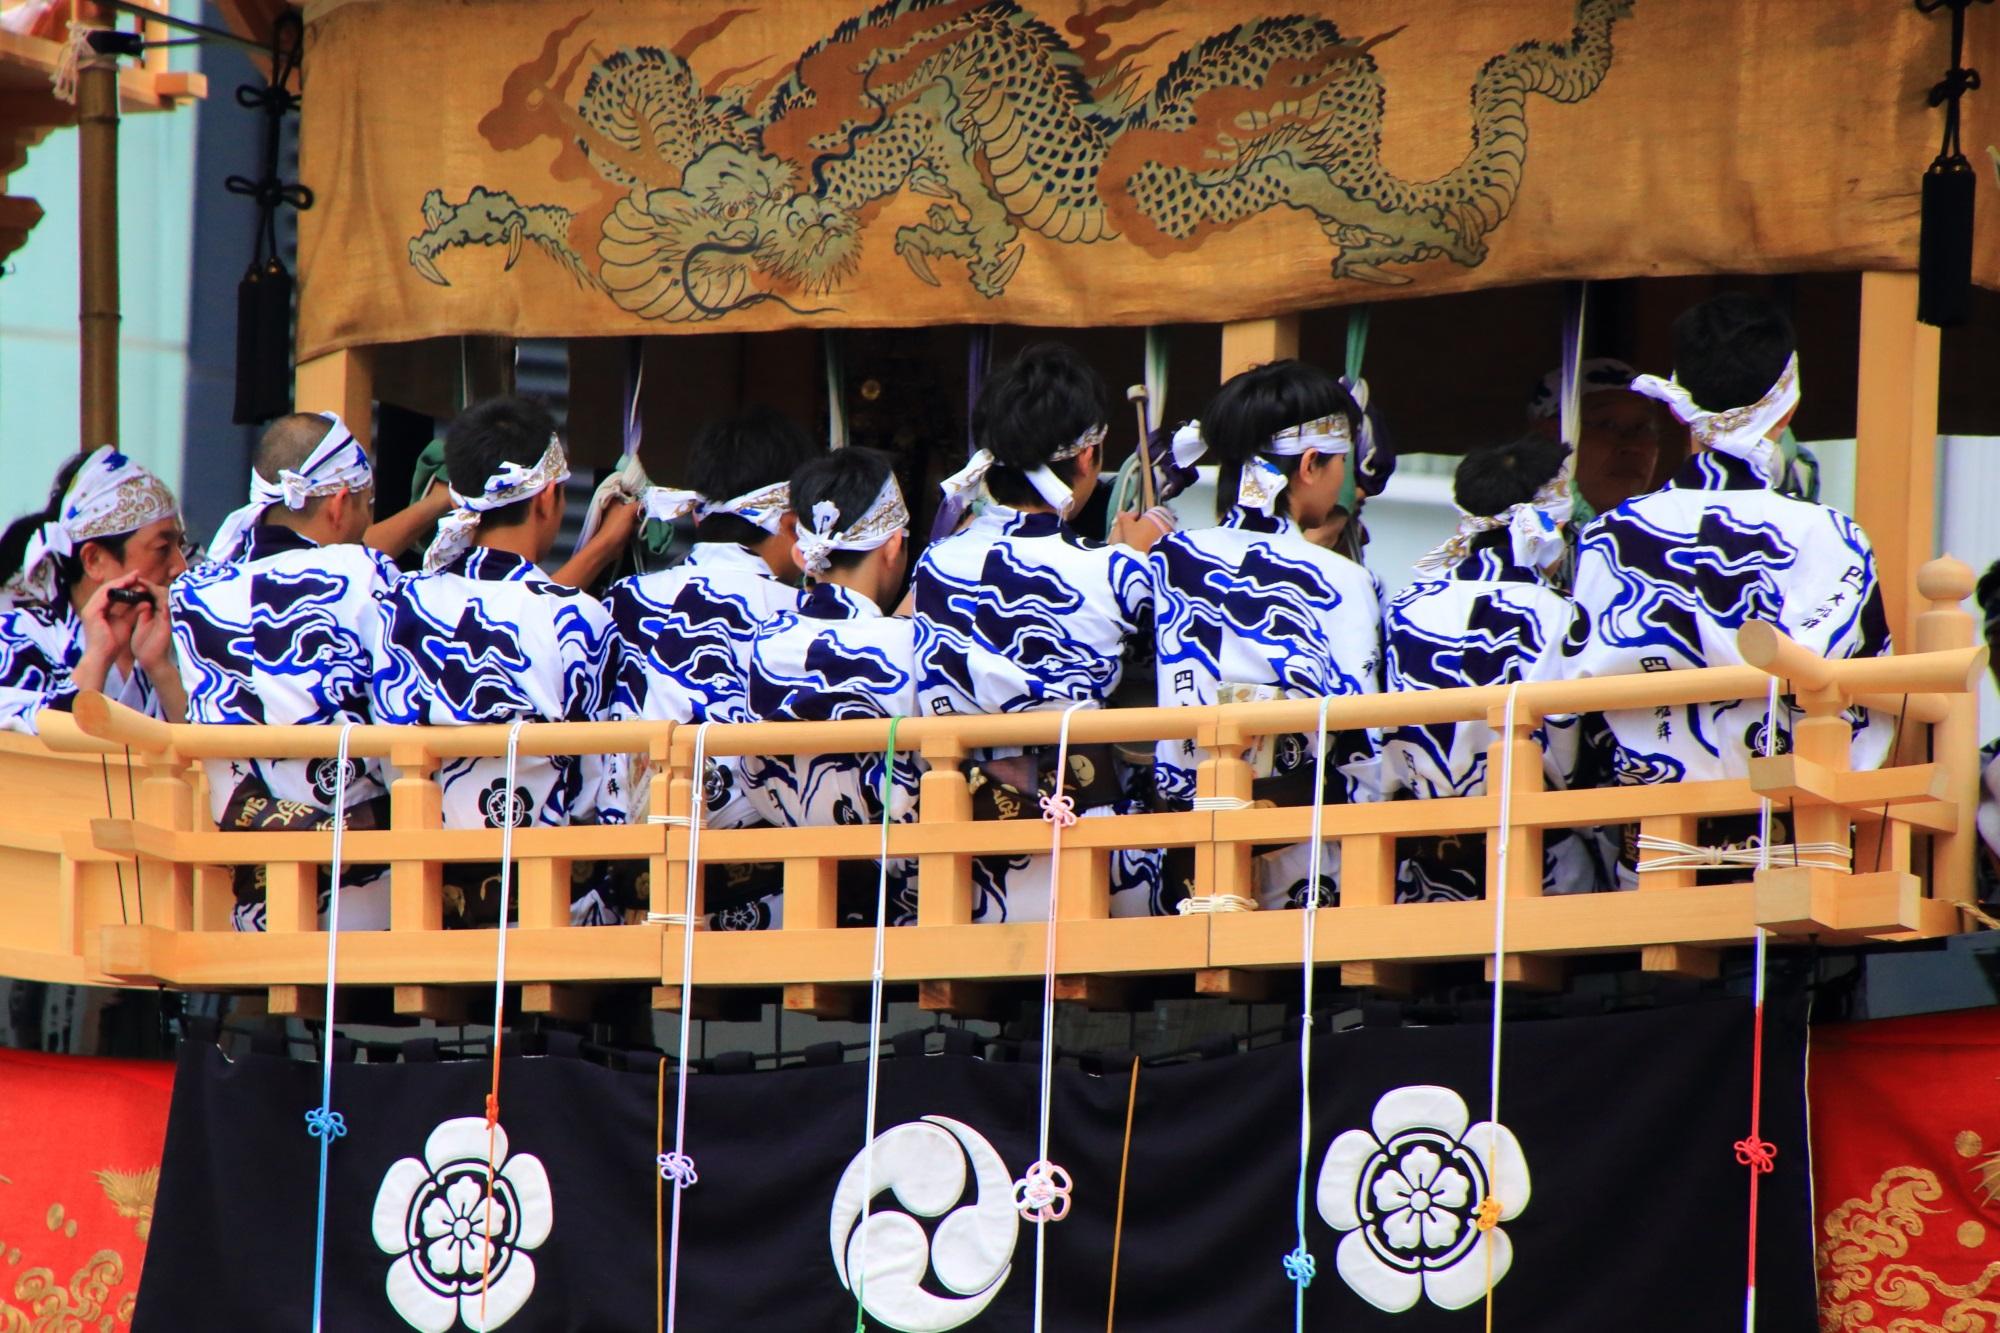 日本三大祭の一つの京都祇園祭後祭の山鉾巡行の大船鉾(おおふねほこ)